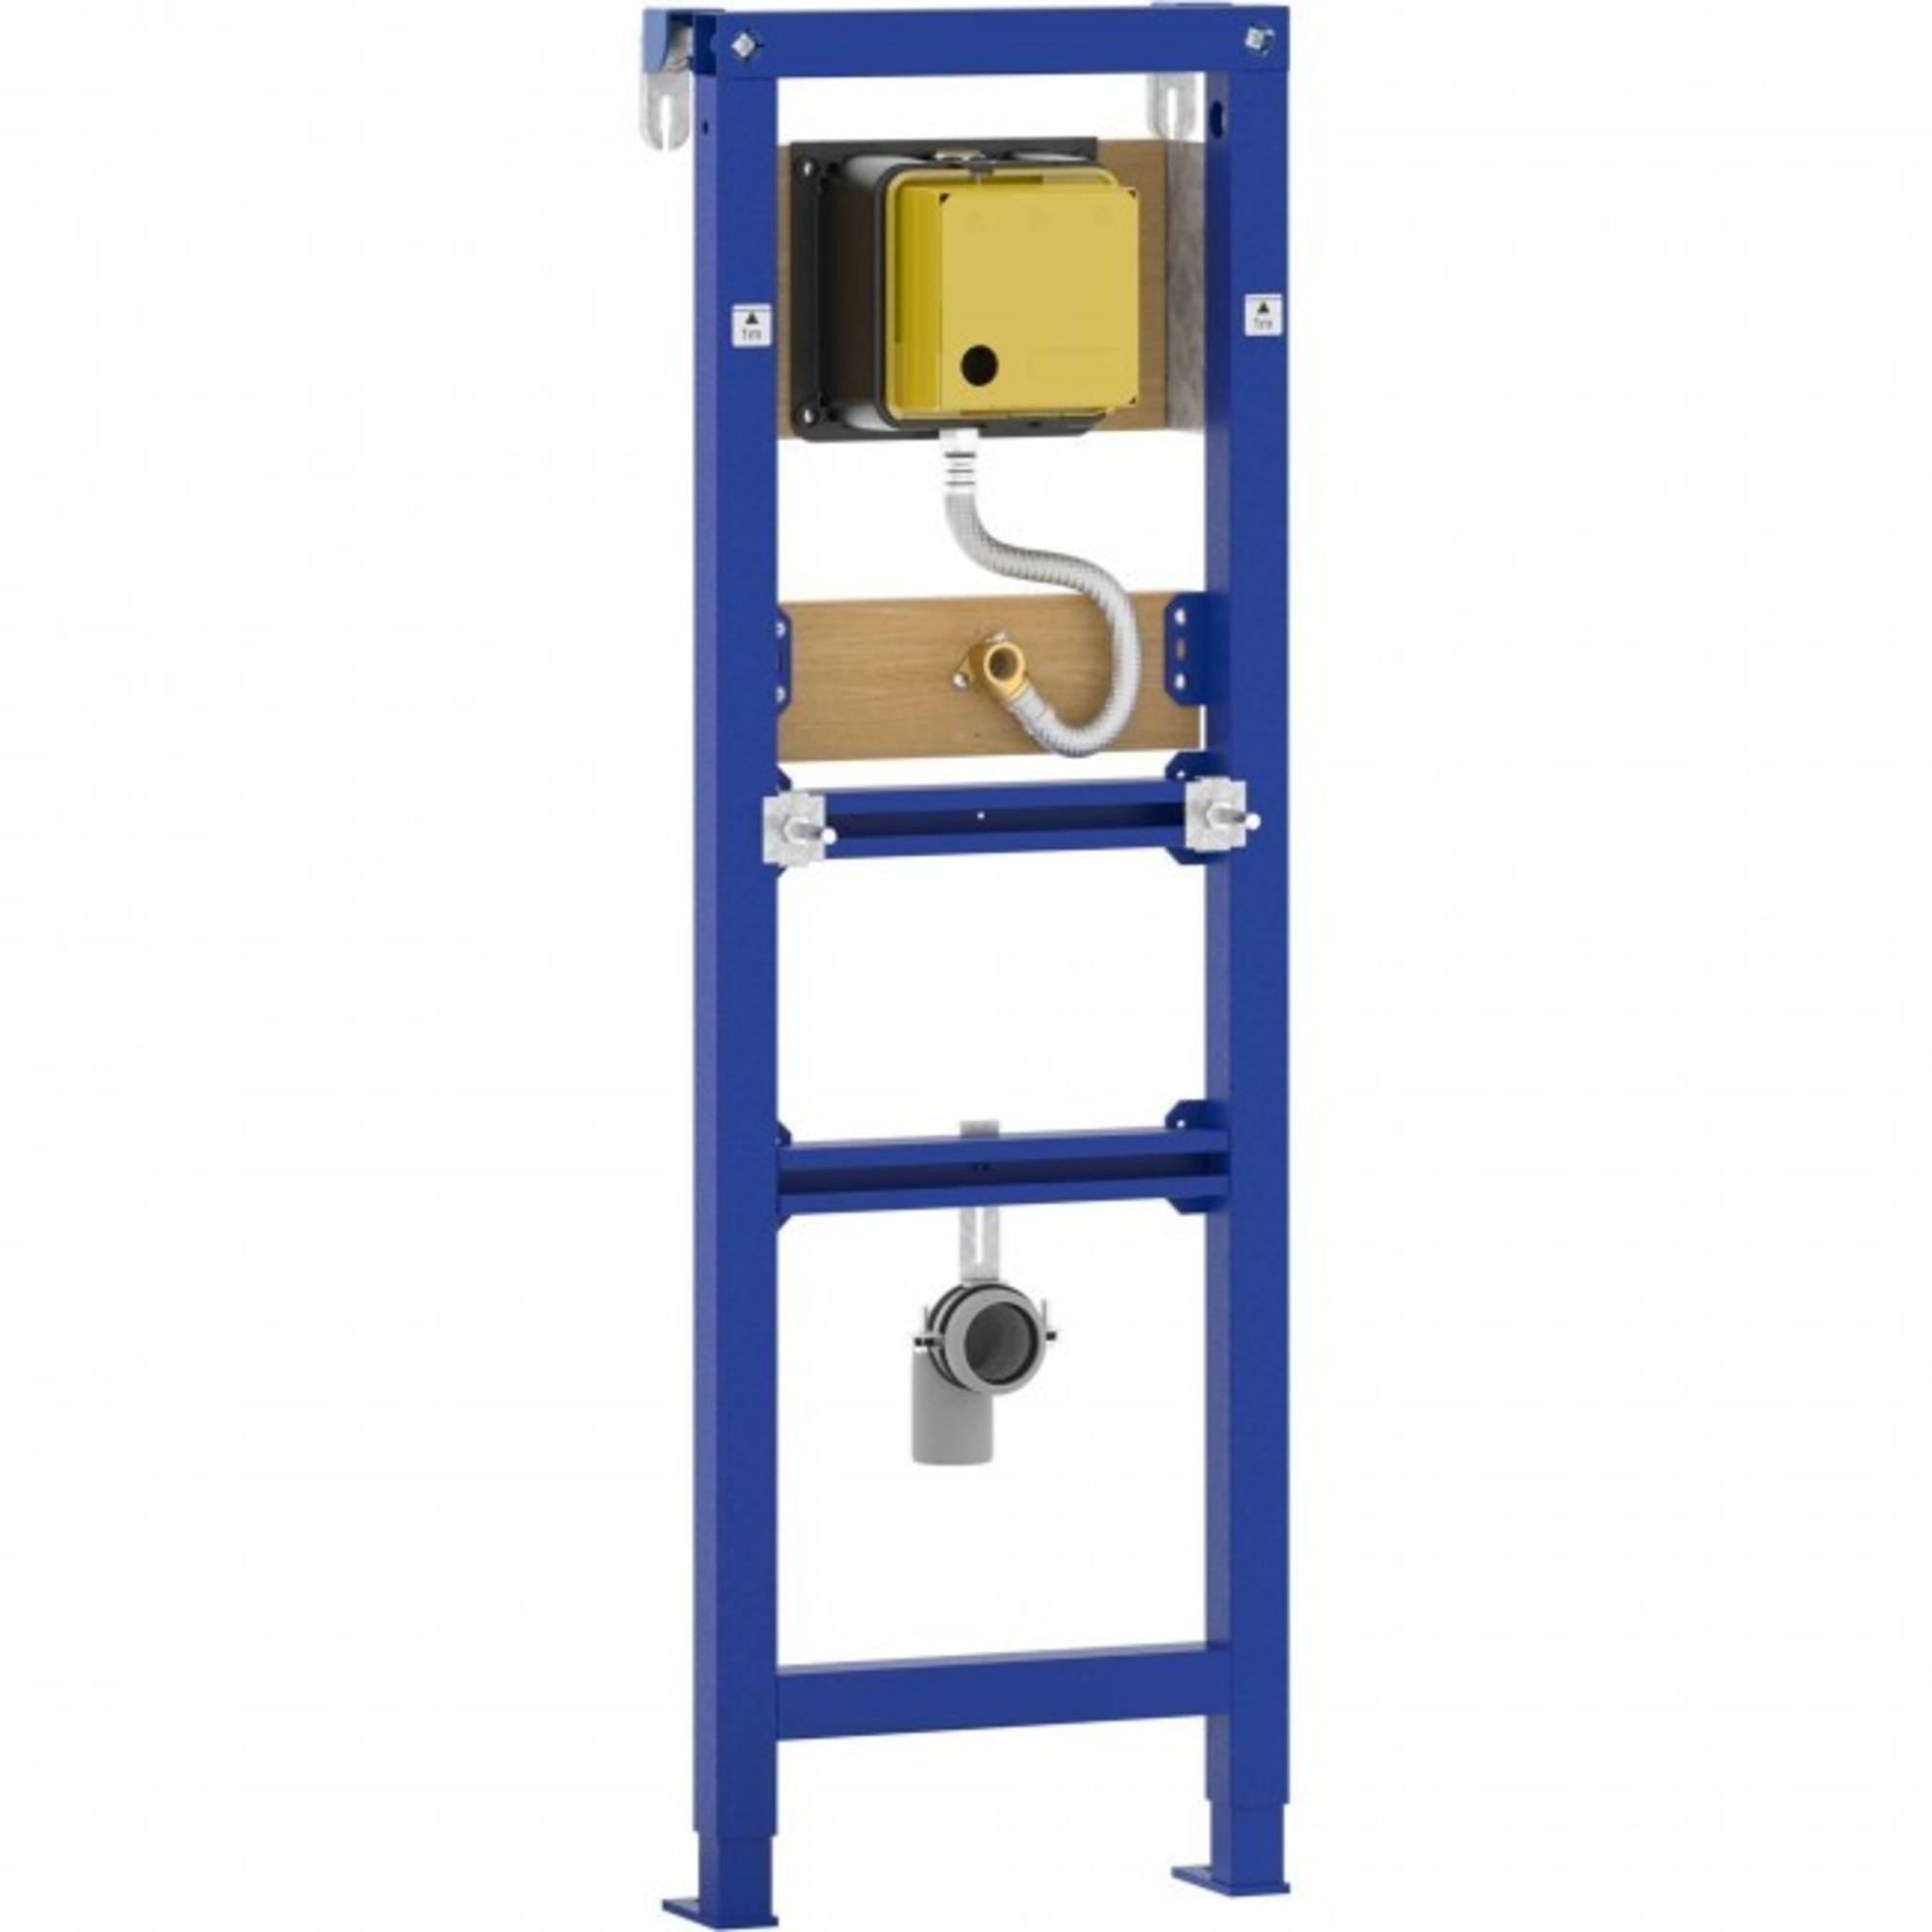 Wisa XS urinoirelement mechanisch H118cm universeel in hoogte verstelbaar